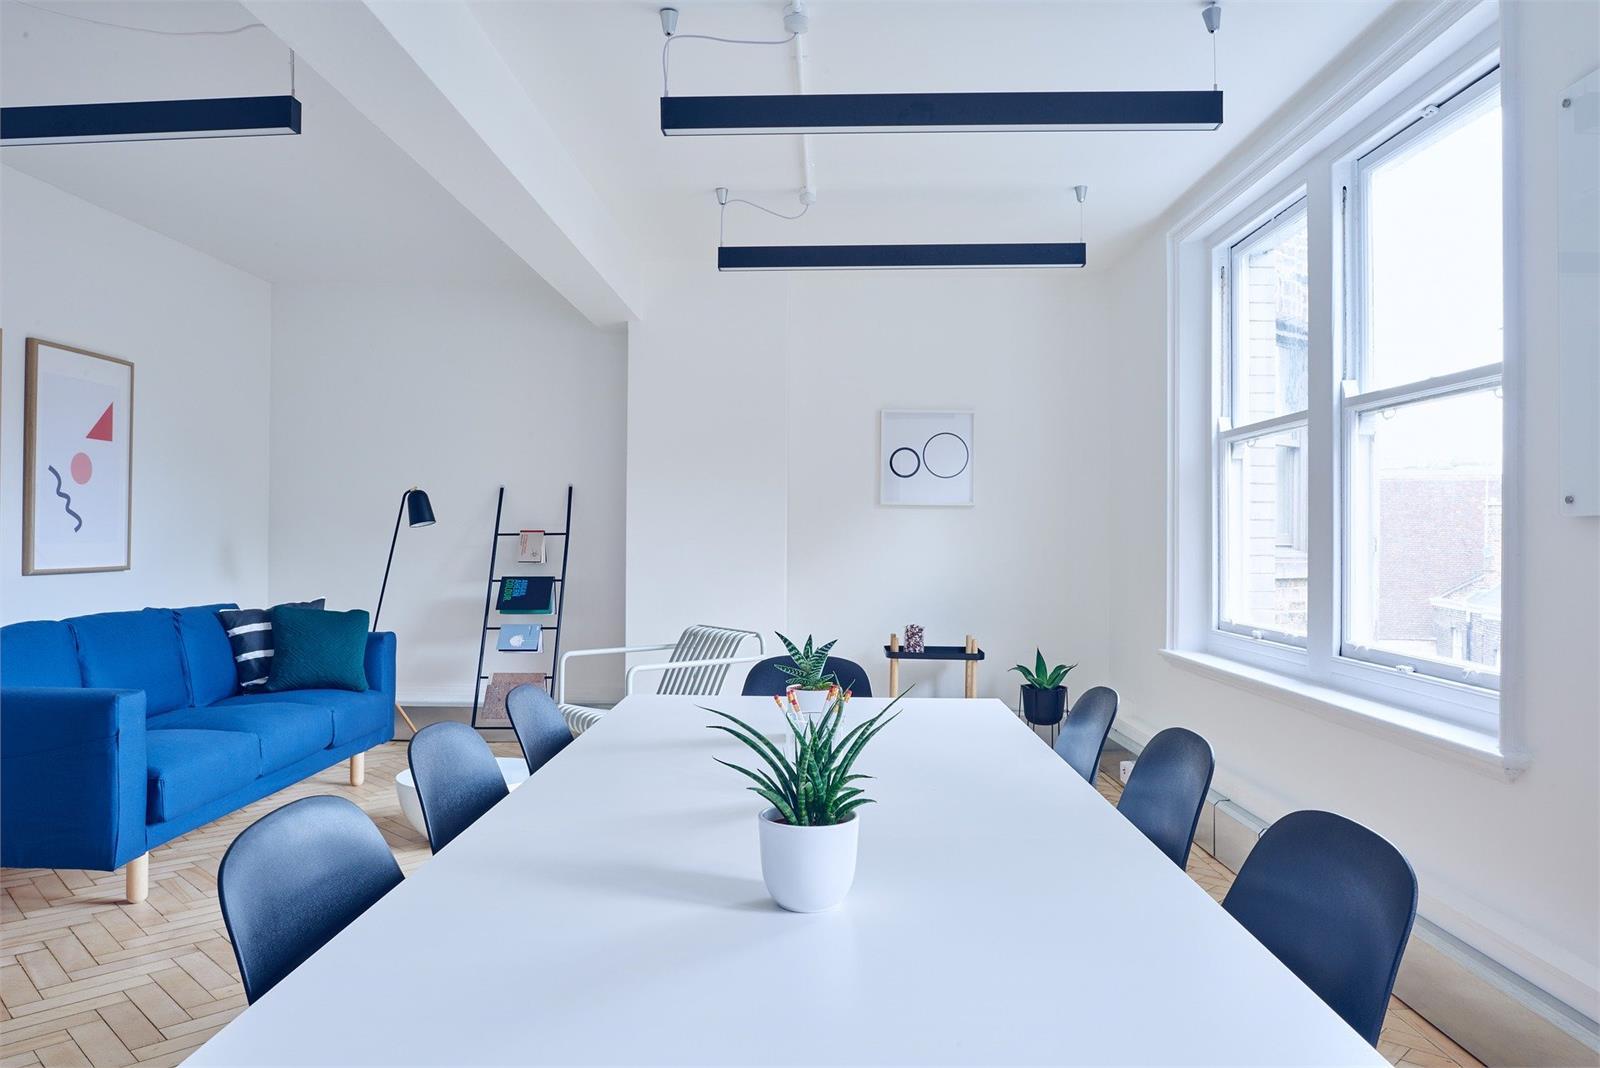 Vårt nya konferensrum, det blåa rummet